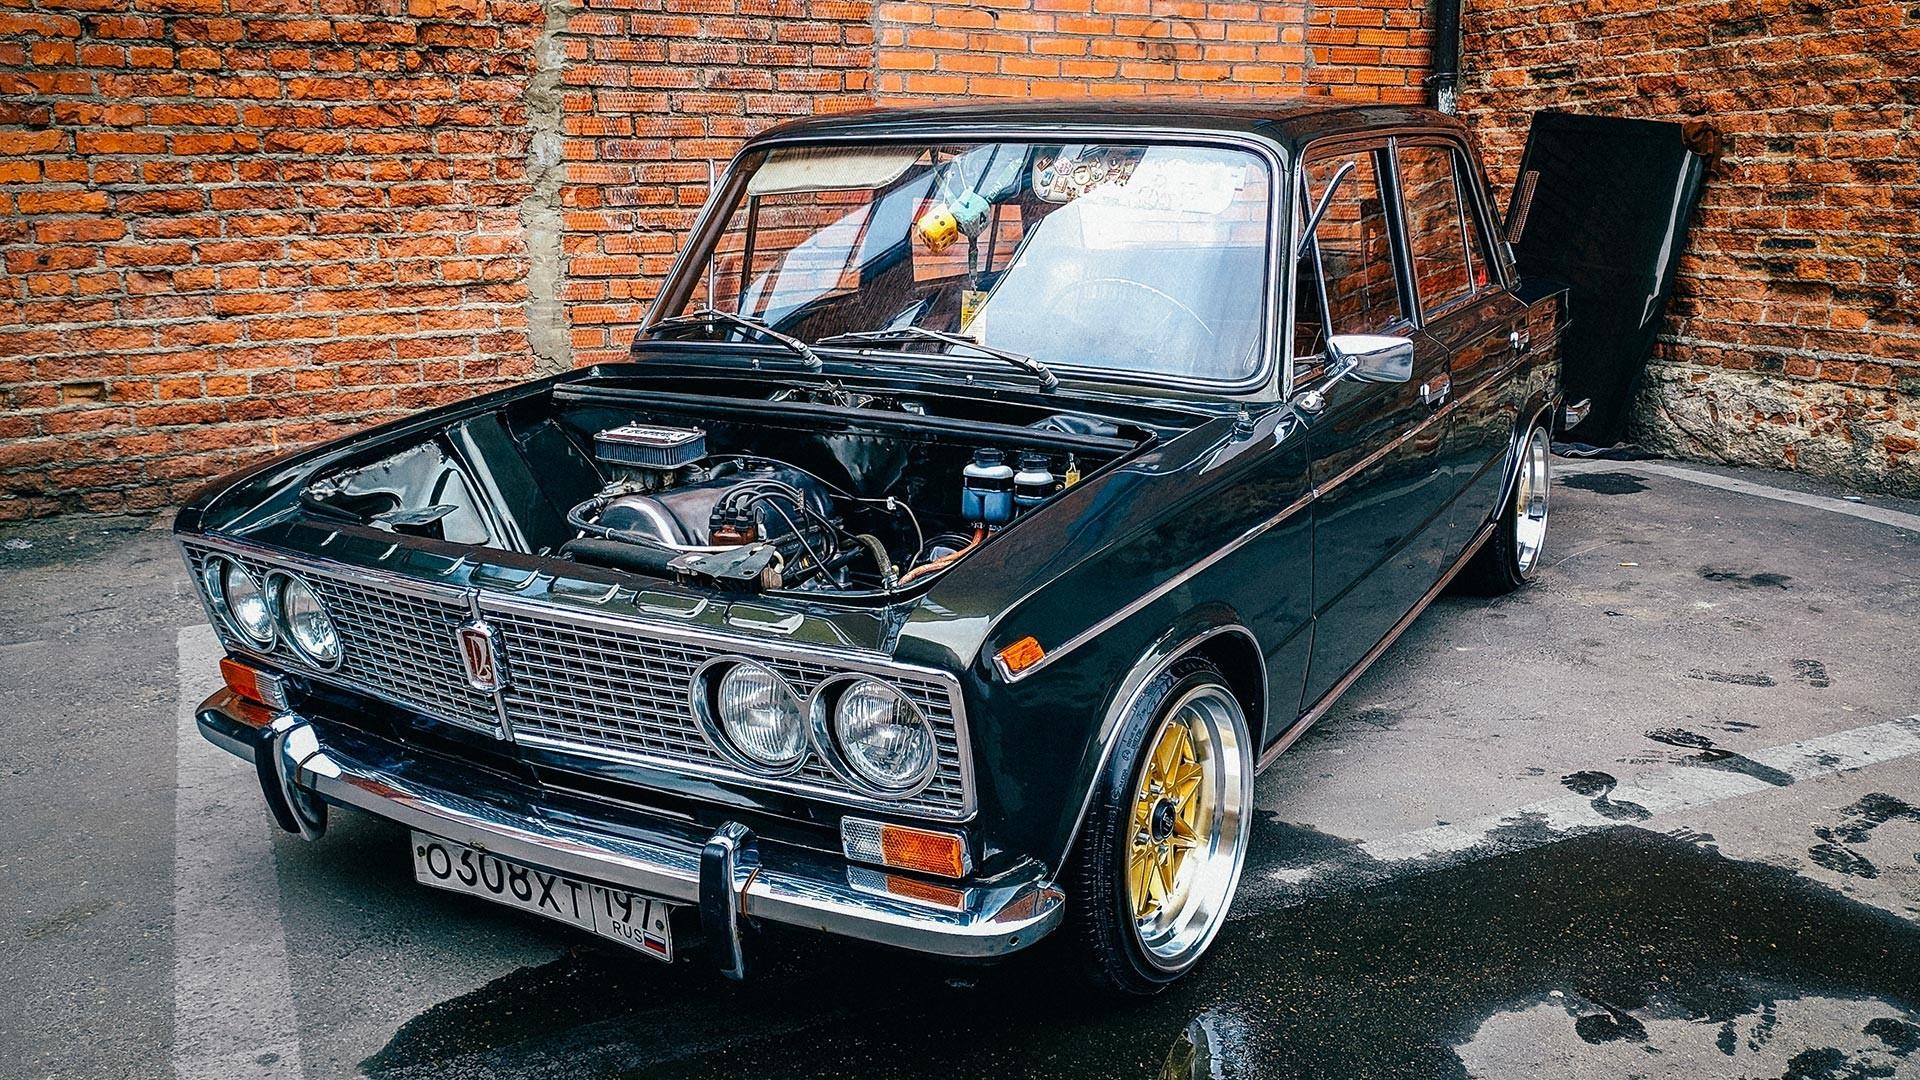 Banyak anak muda Rusia yang menghargai gaya retro mobil-mobil ini yang terlihat cukup memukau jika disesuaikan dengan baik.